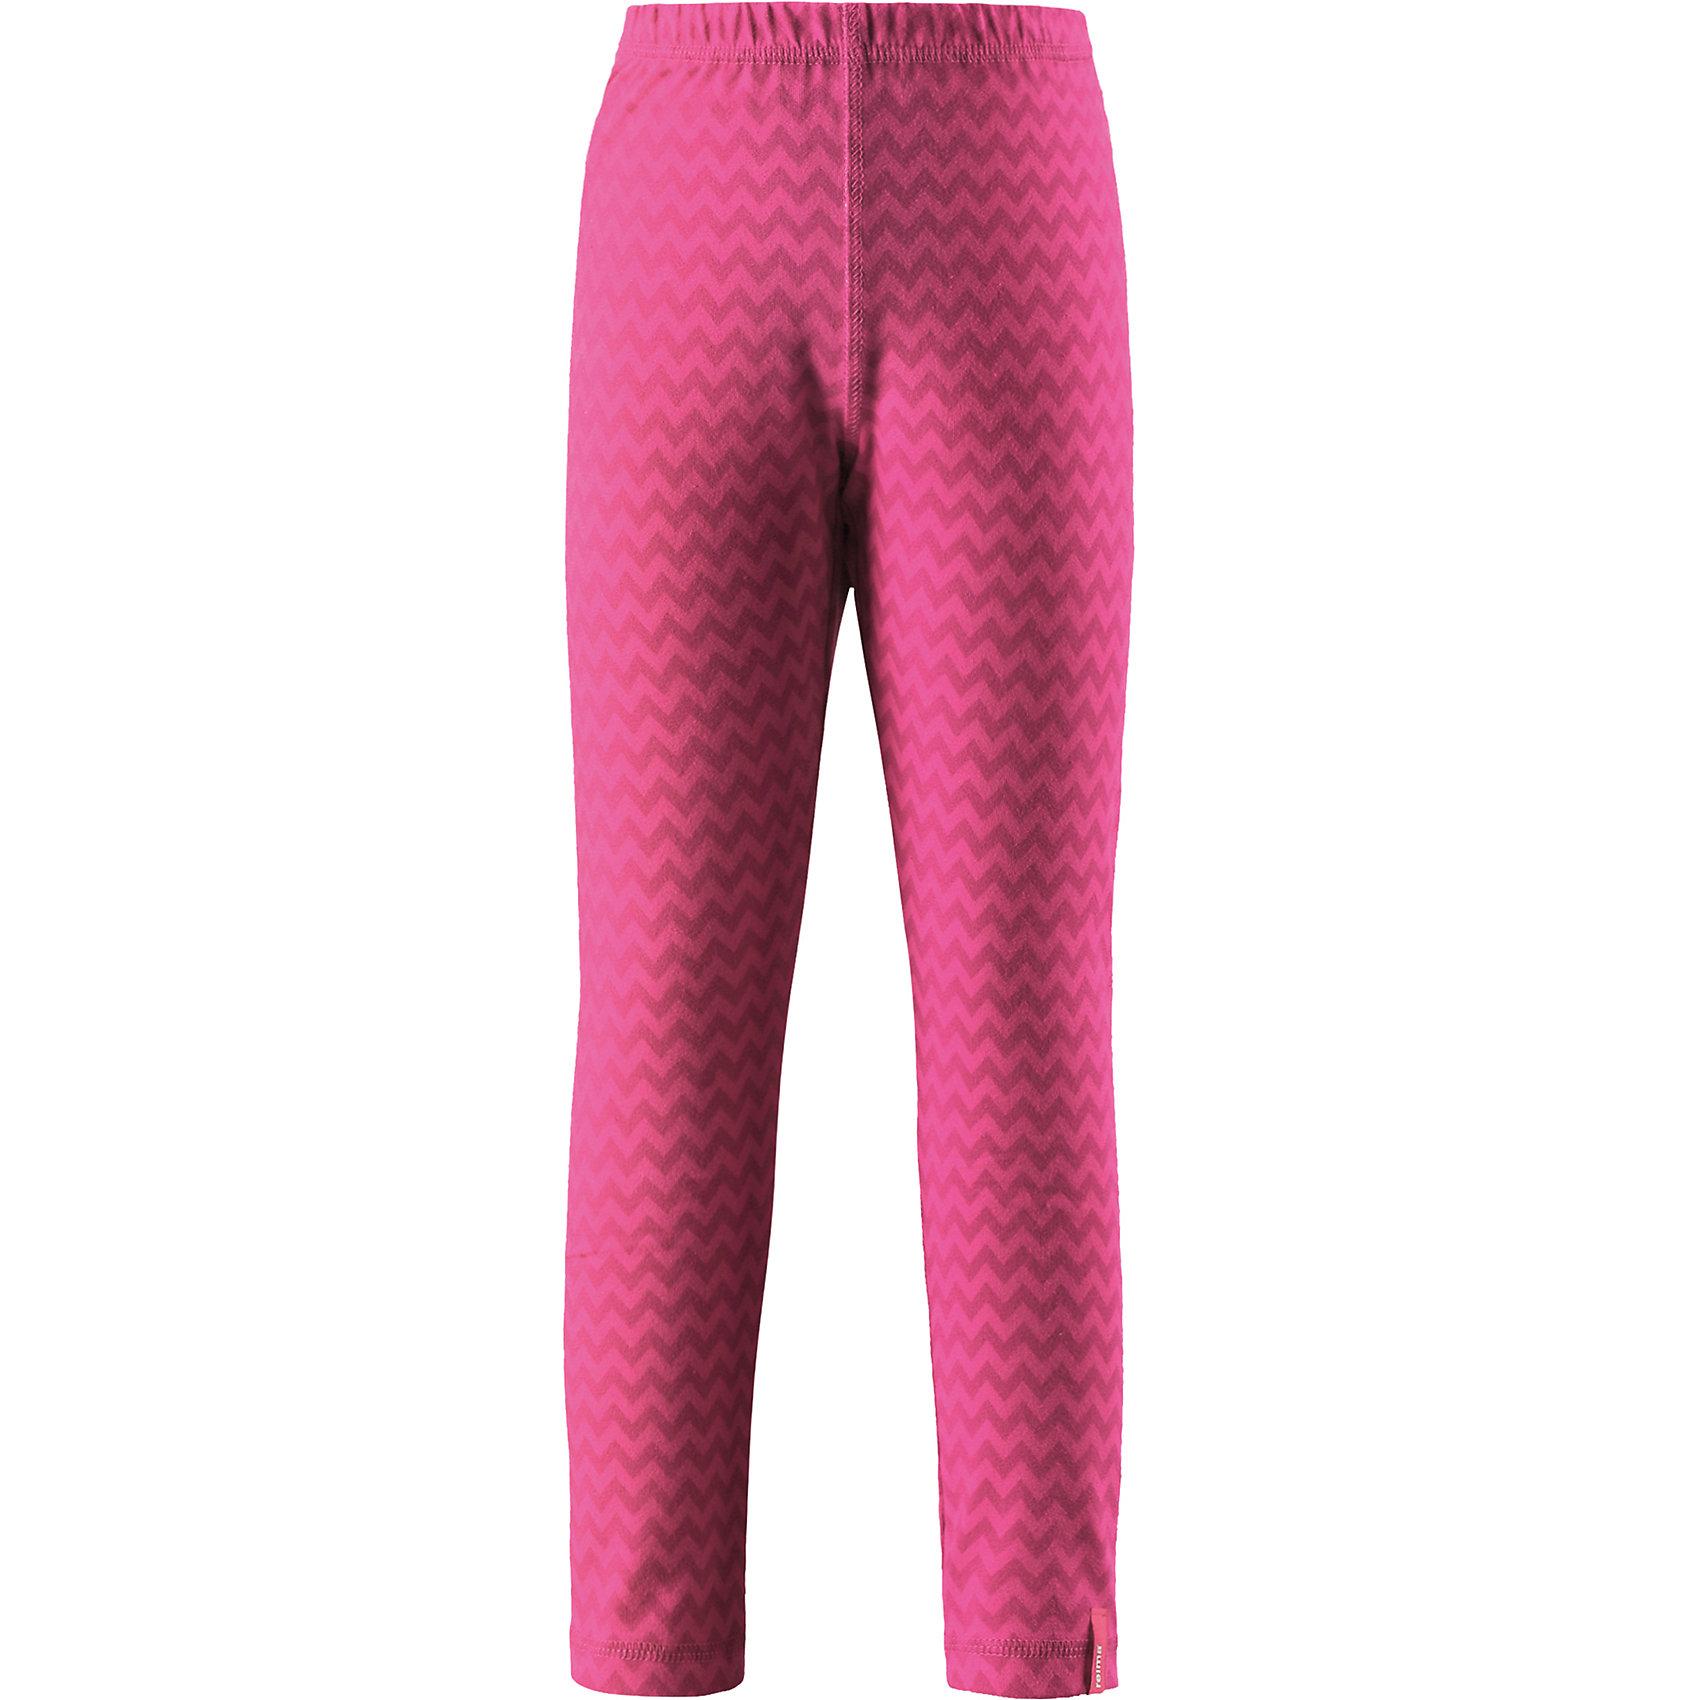 Брюки Reima ToimiiФлис и термобелье<br>Характеристики товара:<br><br>• цвет: розовый;<br>• состав: 61% хлопок, 33% полиэстер, 6% эластан; <br>• сезон: демисезон;<br>• быстросохнущий материал Play jersey, приятный на ощупь;<br>• мягкий хлопчатобумажный верх, внутренняя поверхность хорошо выводит влагу;<br>• эластичная талия;<br>• страна бренда: Финляндия;<br>• страна изготовитель: Китай;<br><br>Леггинсы изготовлены из удобного быстросохнущего материала Play Jersey. Хлопковая поверхность очень мягкая и приятна на ощупь, а изнаночная сторона эффективно отводит влагу. Благодаря эластану, ткань тянется, обеспечивает комфорт и не сковывает движений во время подвижных веселых игр. Одежду Play Jersey можно носить круглый год – материал имеет УФ-защиту 40+. <br><br>Брюки Toimii Reima (Рейма) можно купить в нашем интернет-магазине.<br><br>Ширина мм: 215<br>Глубина мм: 88<br>Высота мм: 191<br>Вес г: 336<br>Цвет: розовый<br>Возраст от месяцев: 156<br>Возраст до месяцев: 168<br>Пол: Унисекс<br>Возраст: Детский<br>Размер: 152,158,164,92,98,104,110,116,122,128,134,140,146<br>SKU: 6906109